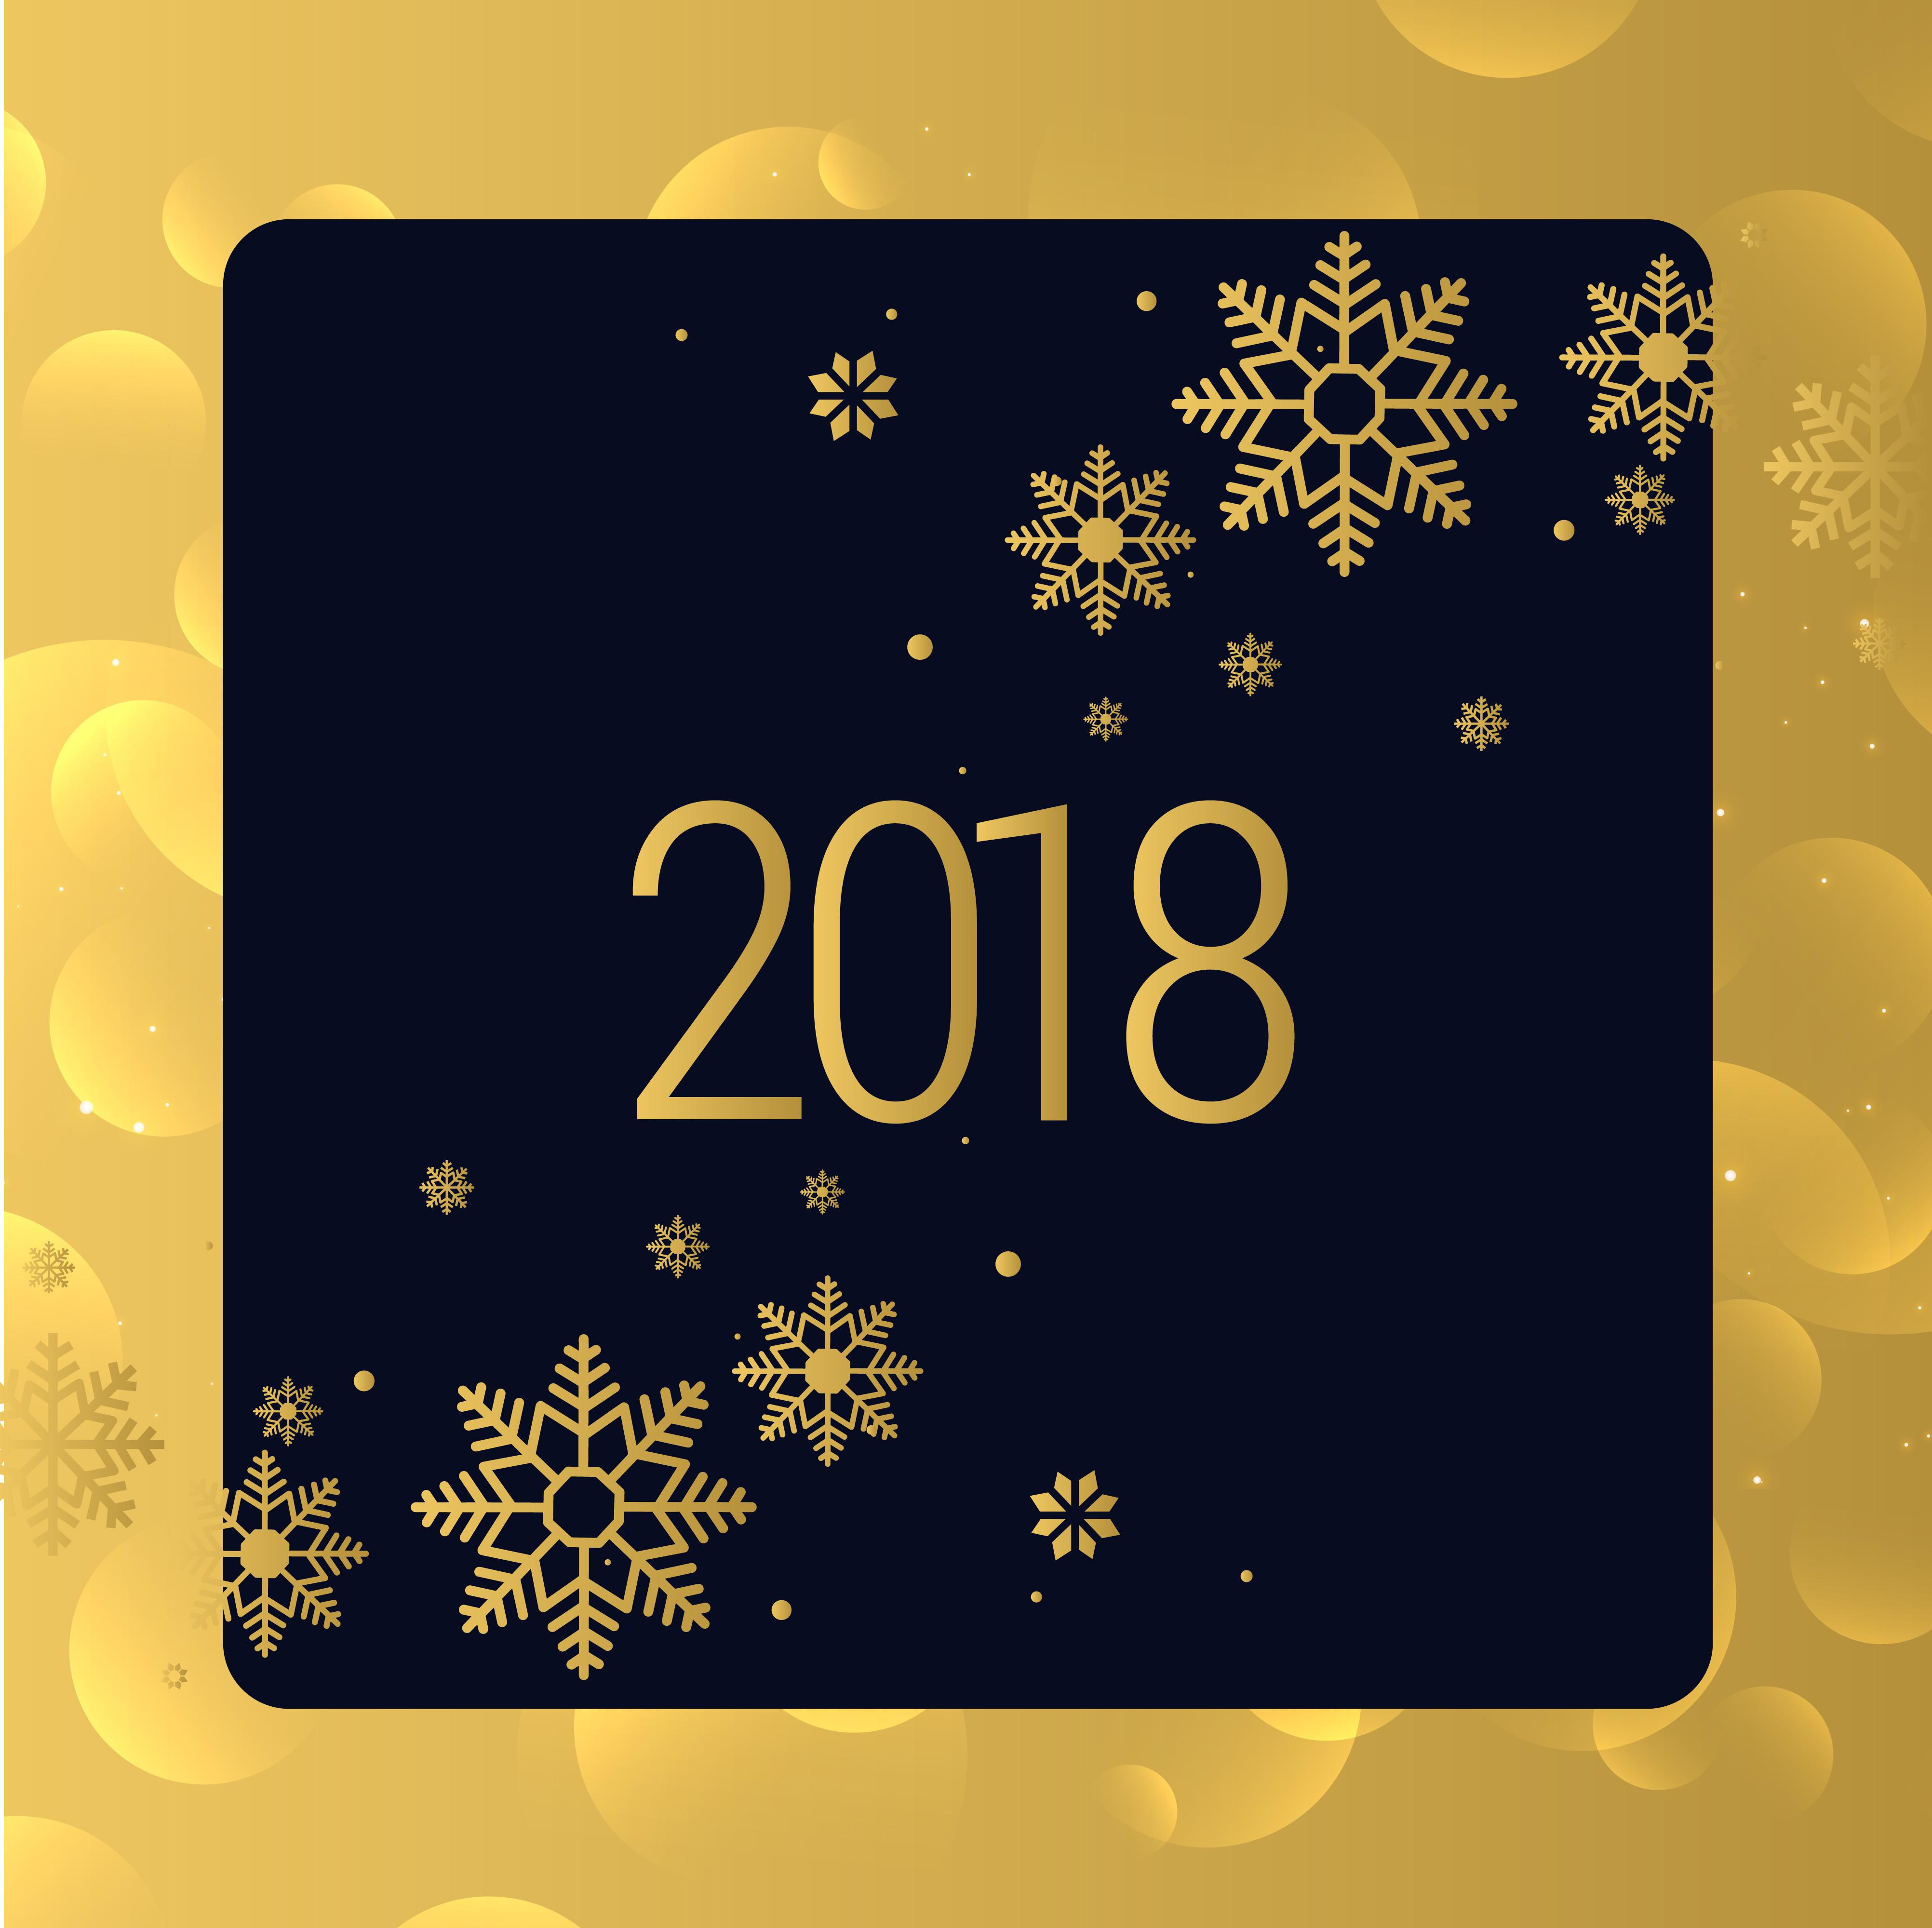 2018: Luxury Golden 2018 New Year Background Design